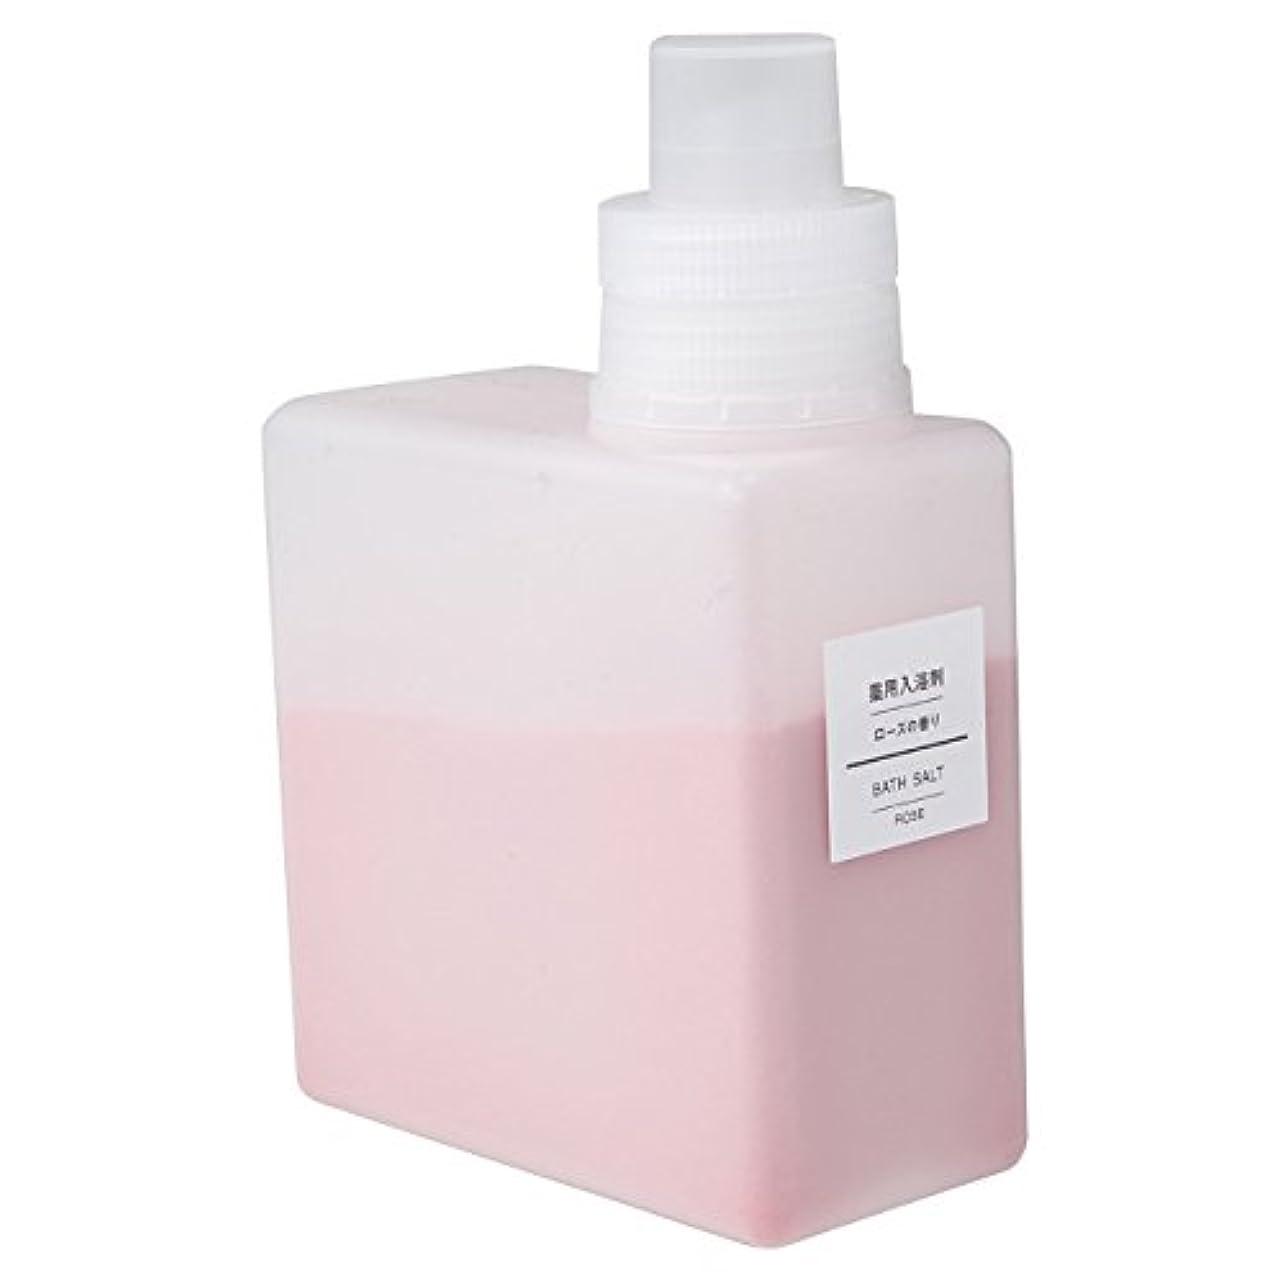 マトリックス静める運賃無印良品 薬用入浴剤?ローズの香り (新)500g 日本製